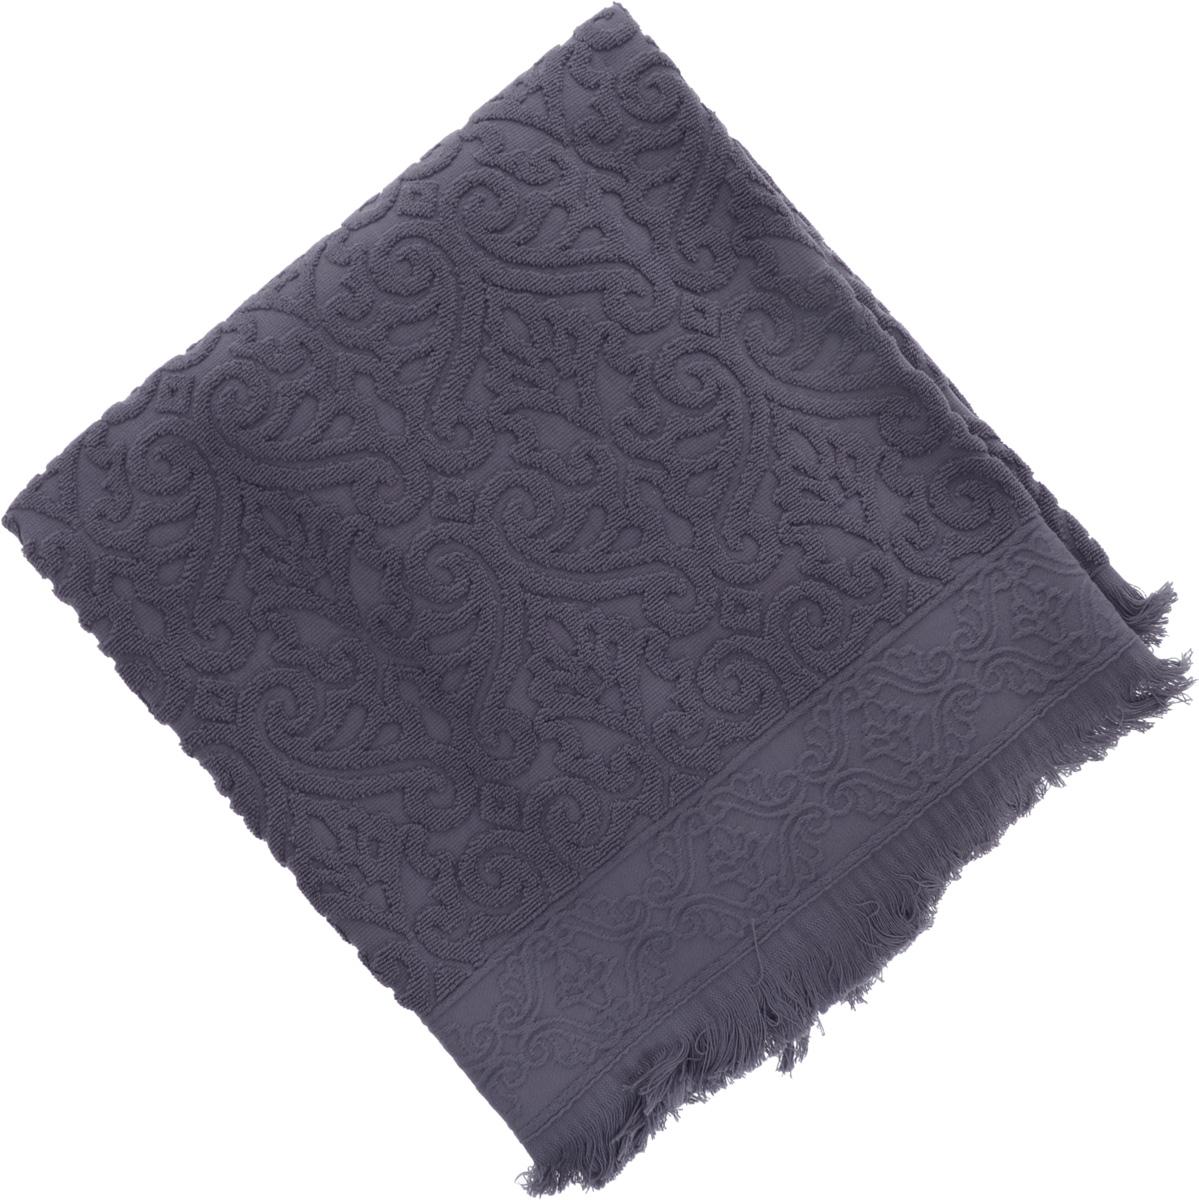 Полотенце махровое Issimo Home Tarren, цвет: индиго, 90 x 150 см4961Полотенце Issimo Home Tarren выполнено из 100% хлопка с махровым рельефнымузором.Изделие отлично впитывает влагу, быстро сохнет и не теряет форму даже послемногократных стирок.Рекомендации по уходу: - режим стирки при 40°C, - допускается обычная химчистка, - отбеливание запрещено, - глажка при температуре подошвы утюга до 110°С, - барабанный отжим запрещен. Размер полотенца: 90 х 150 см.